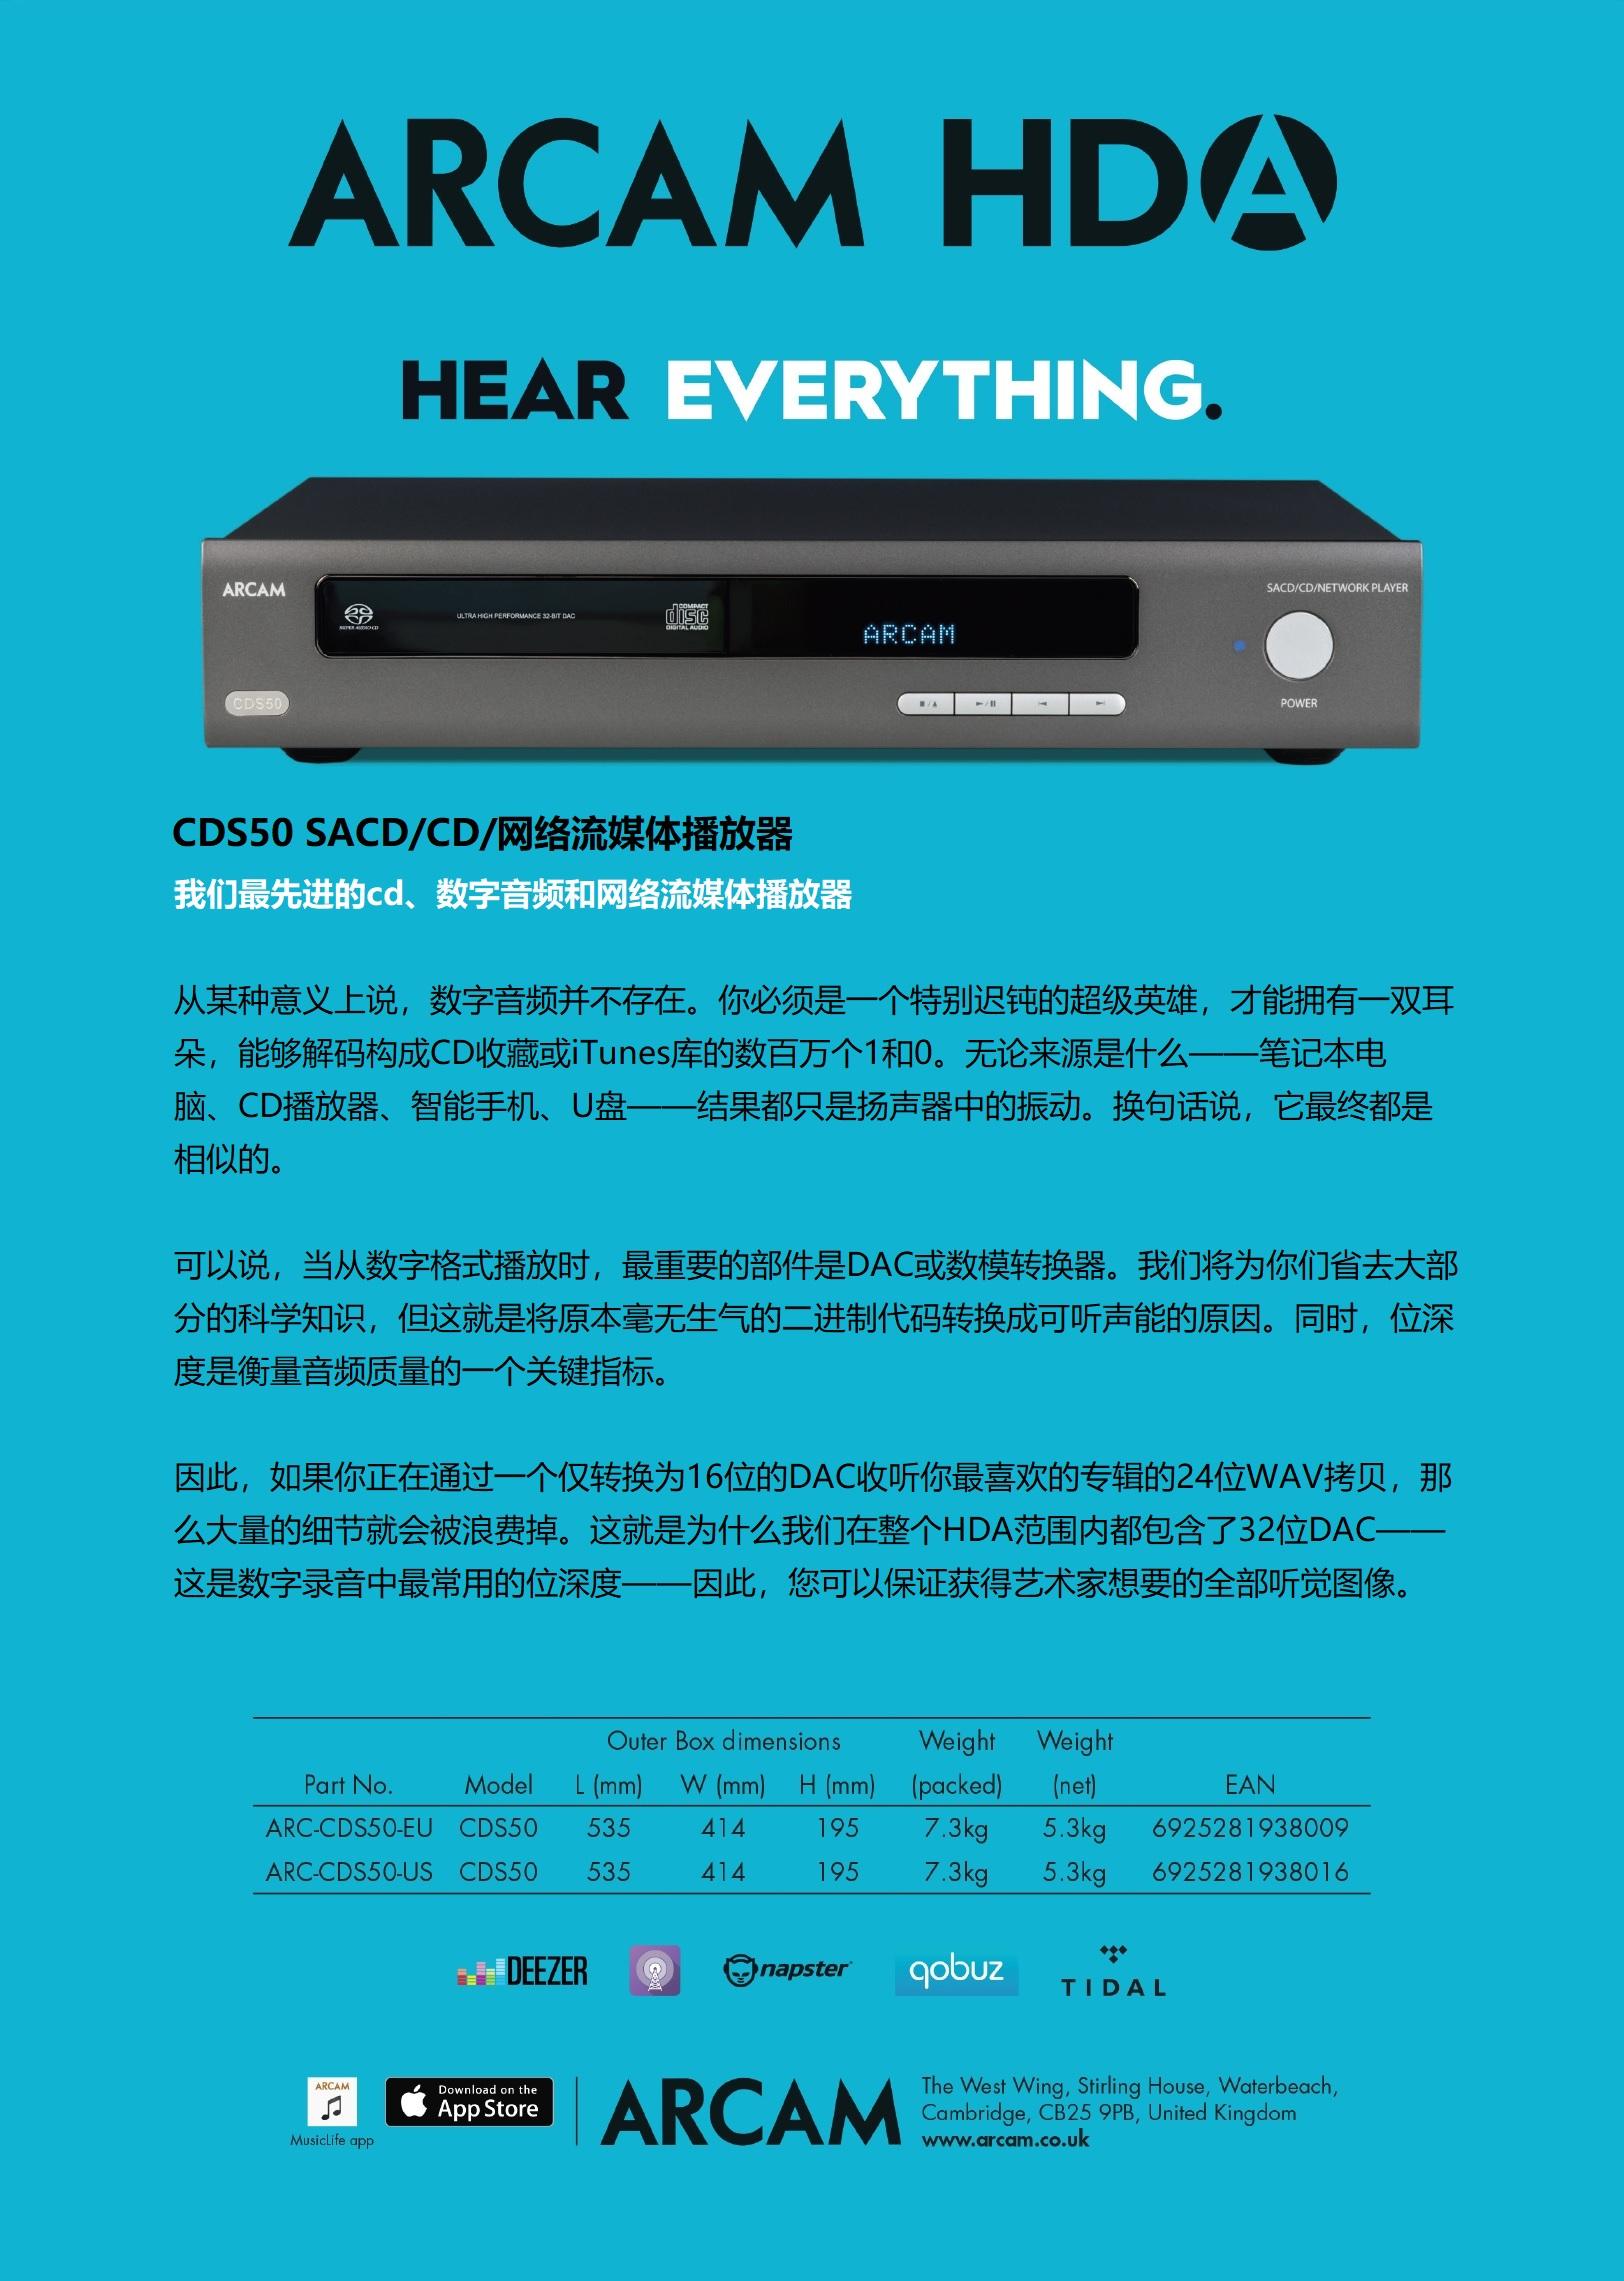 CDS50 SACD/CD/网络流媒体播放器